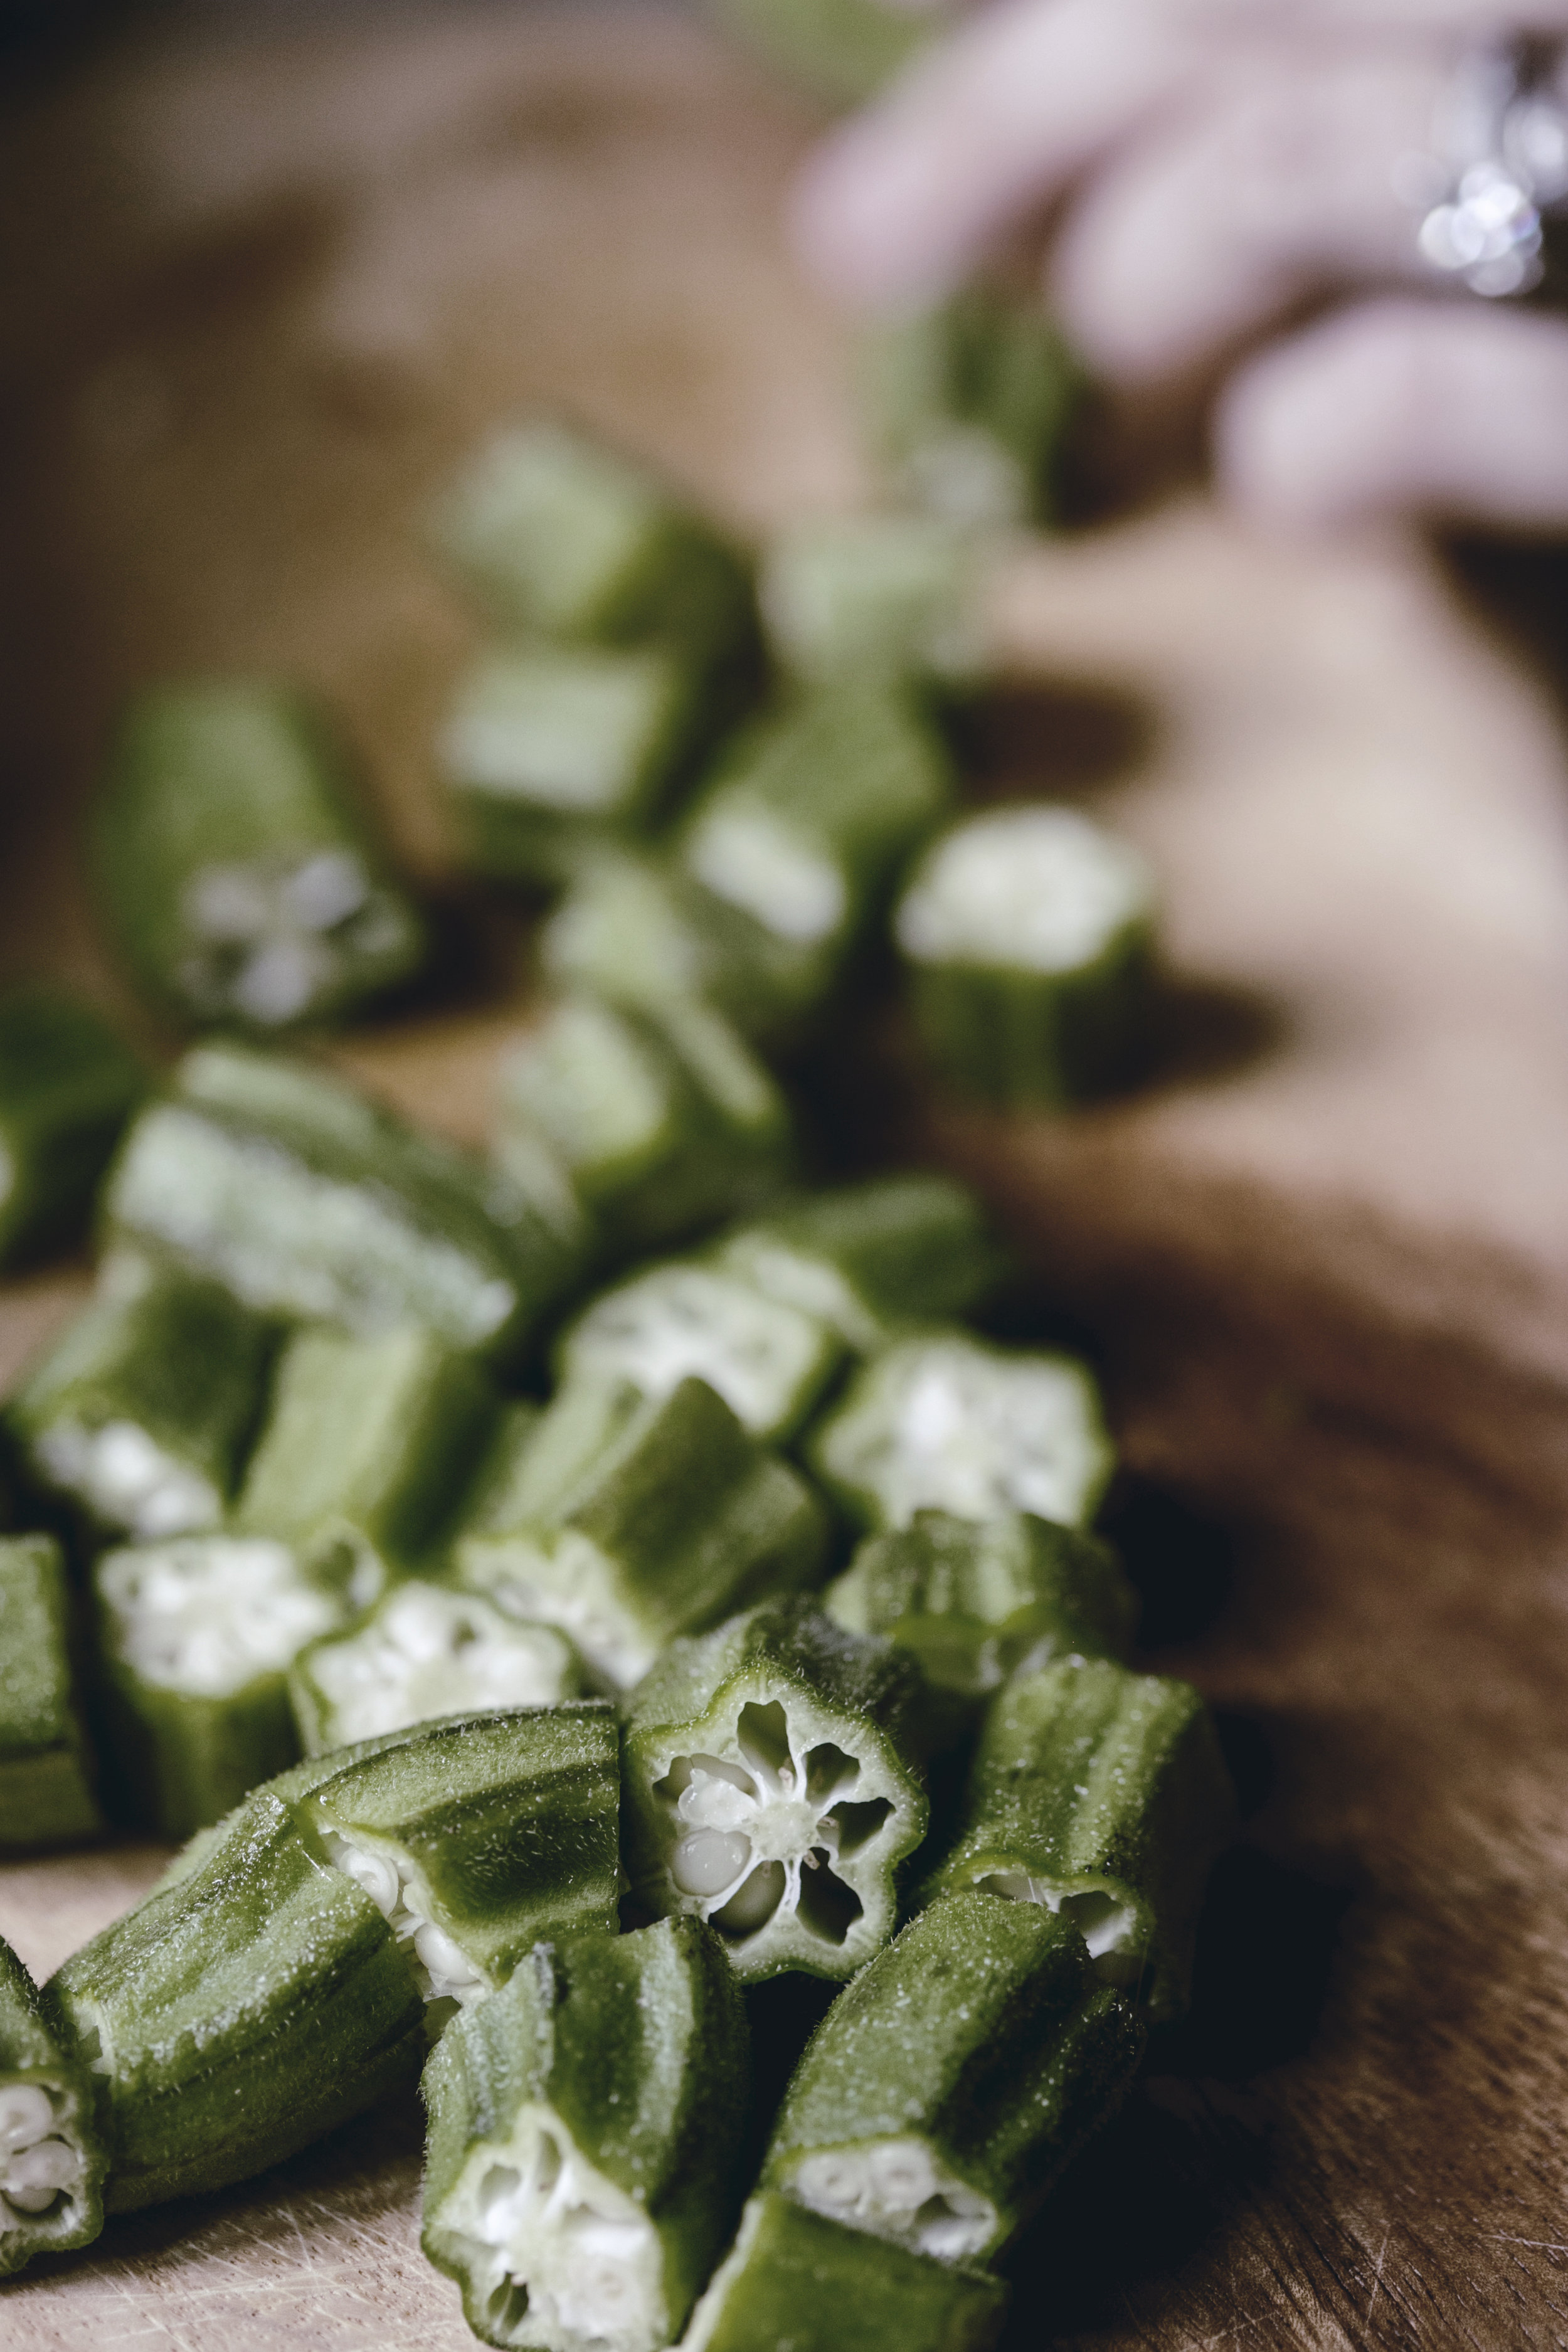 chopped okra / heirloomed